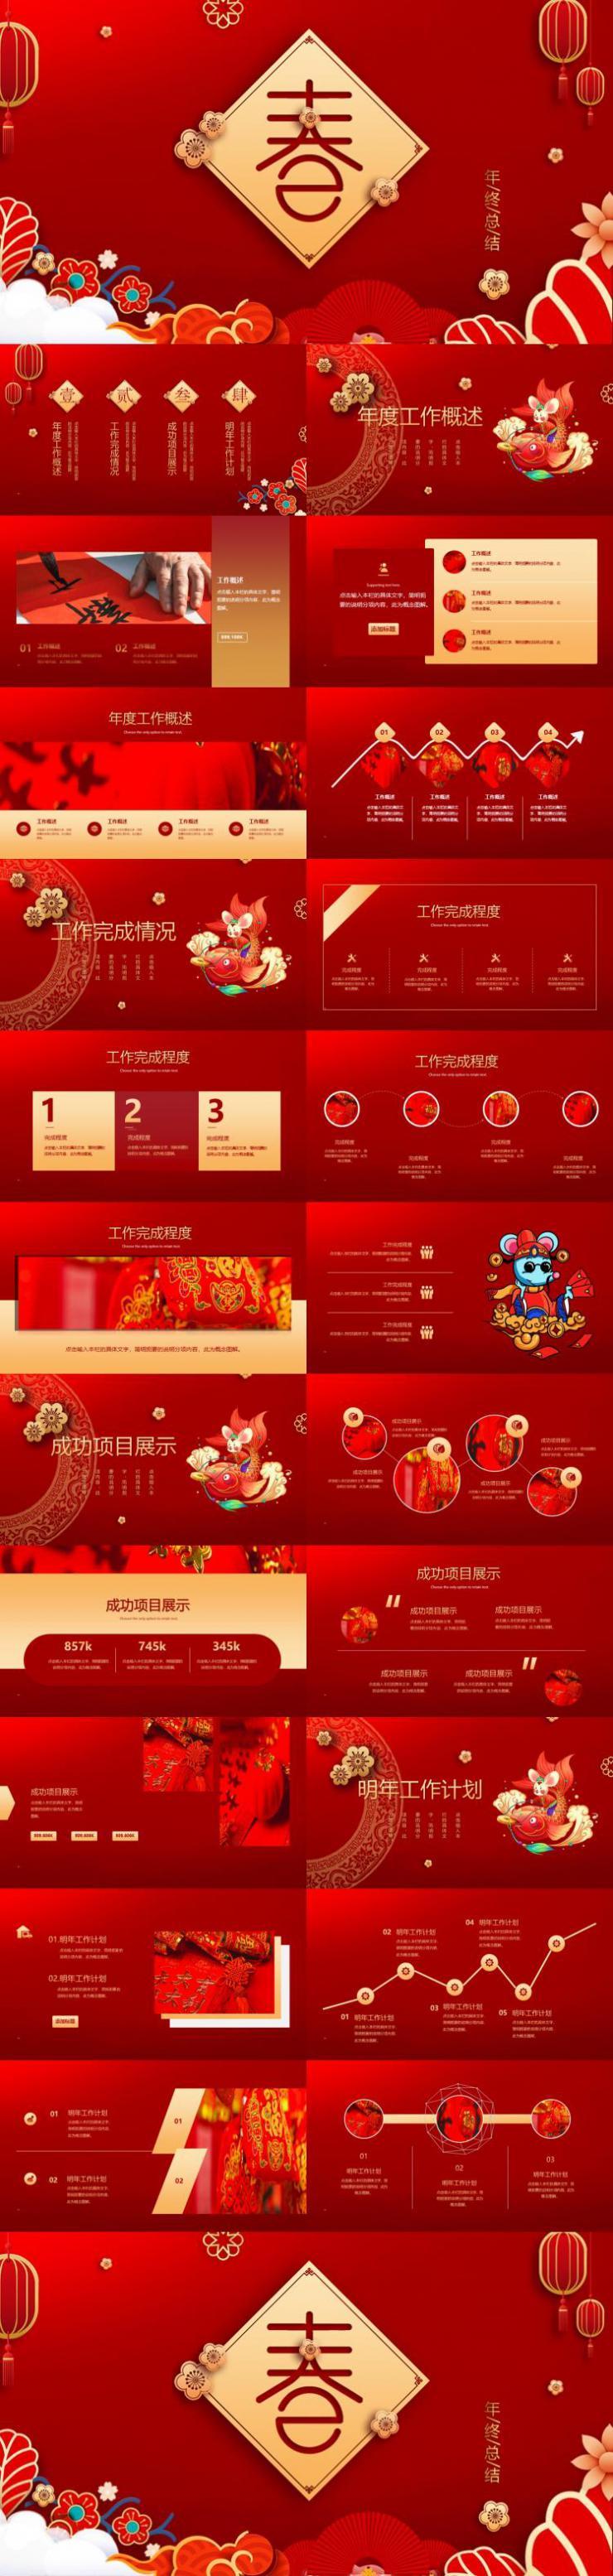 剪纸风红色鼠年新年计划PPT模板